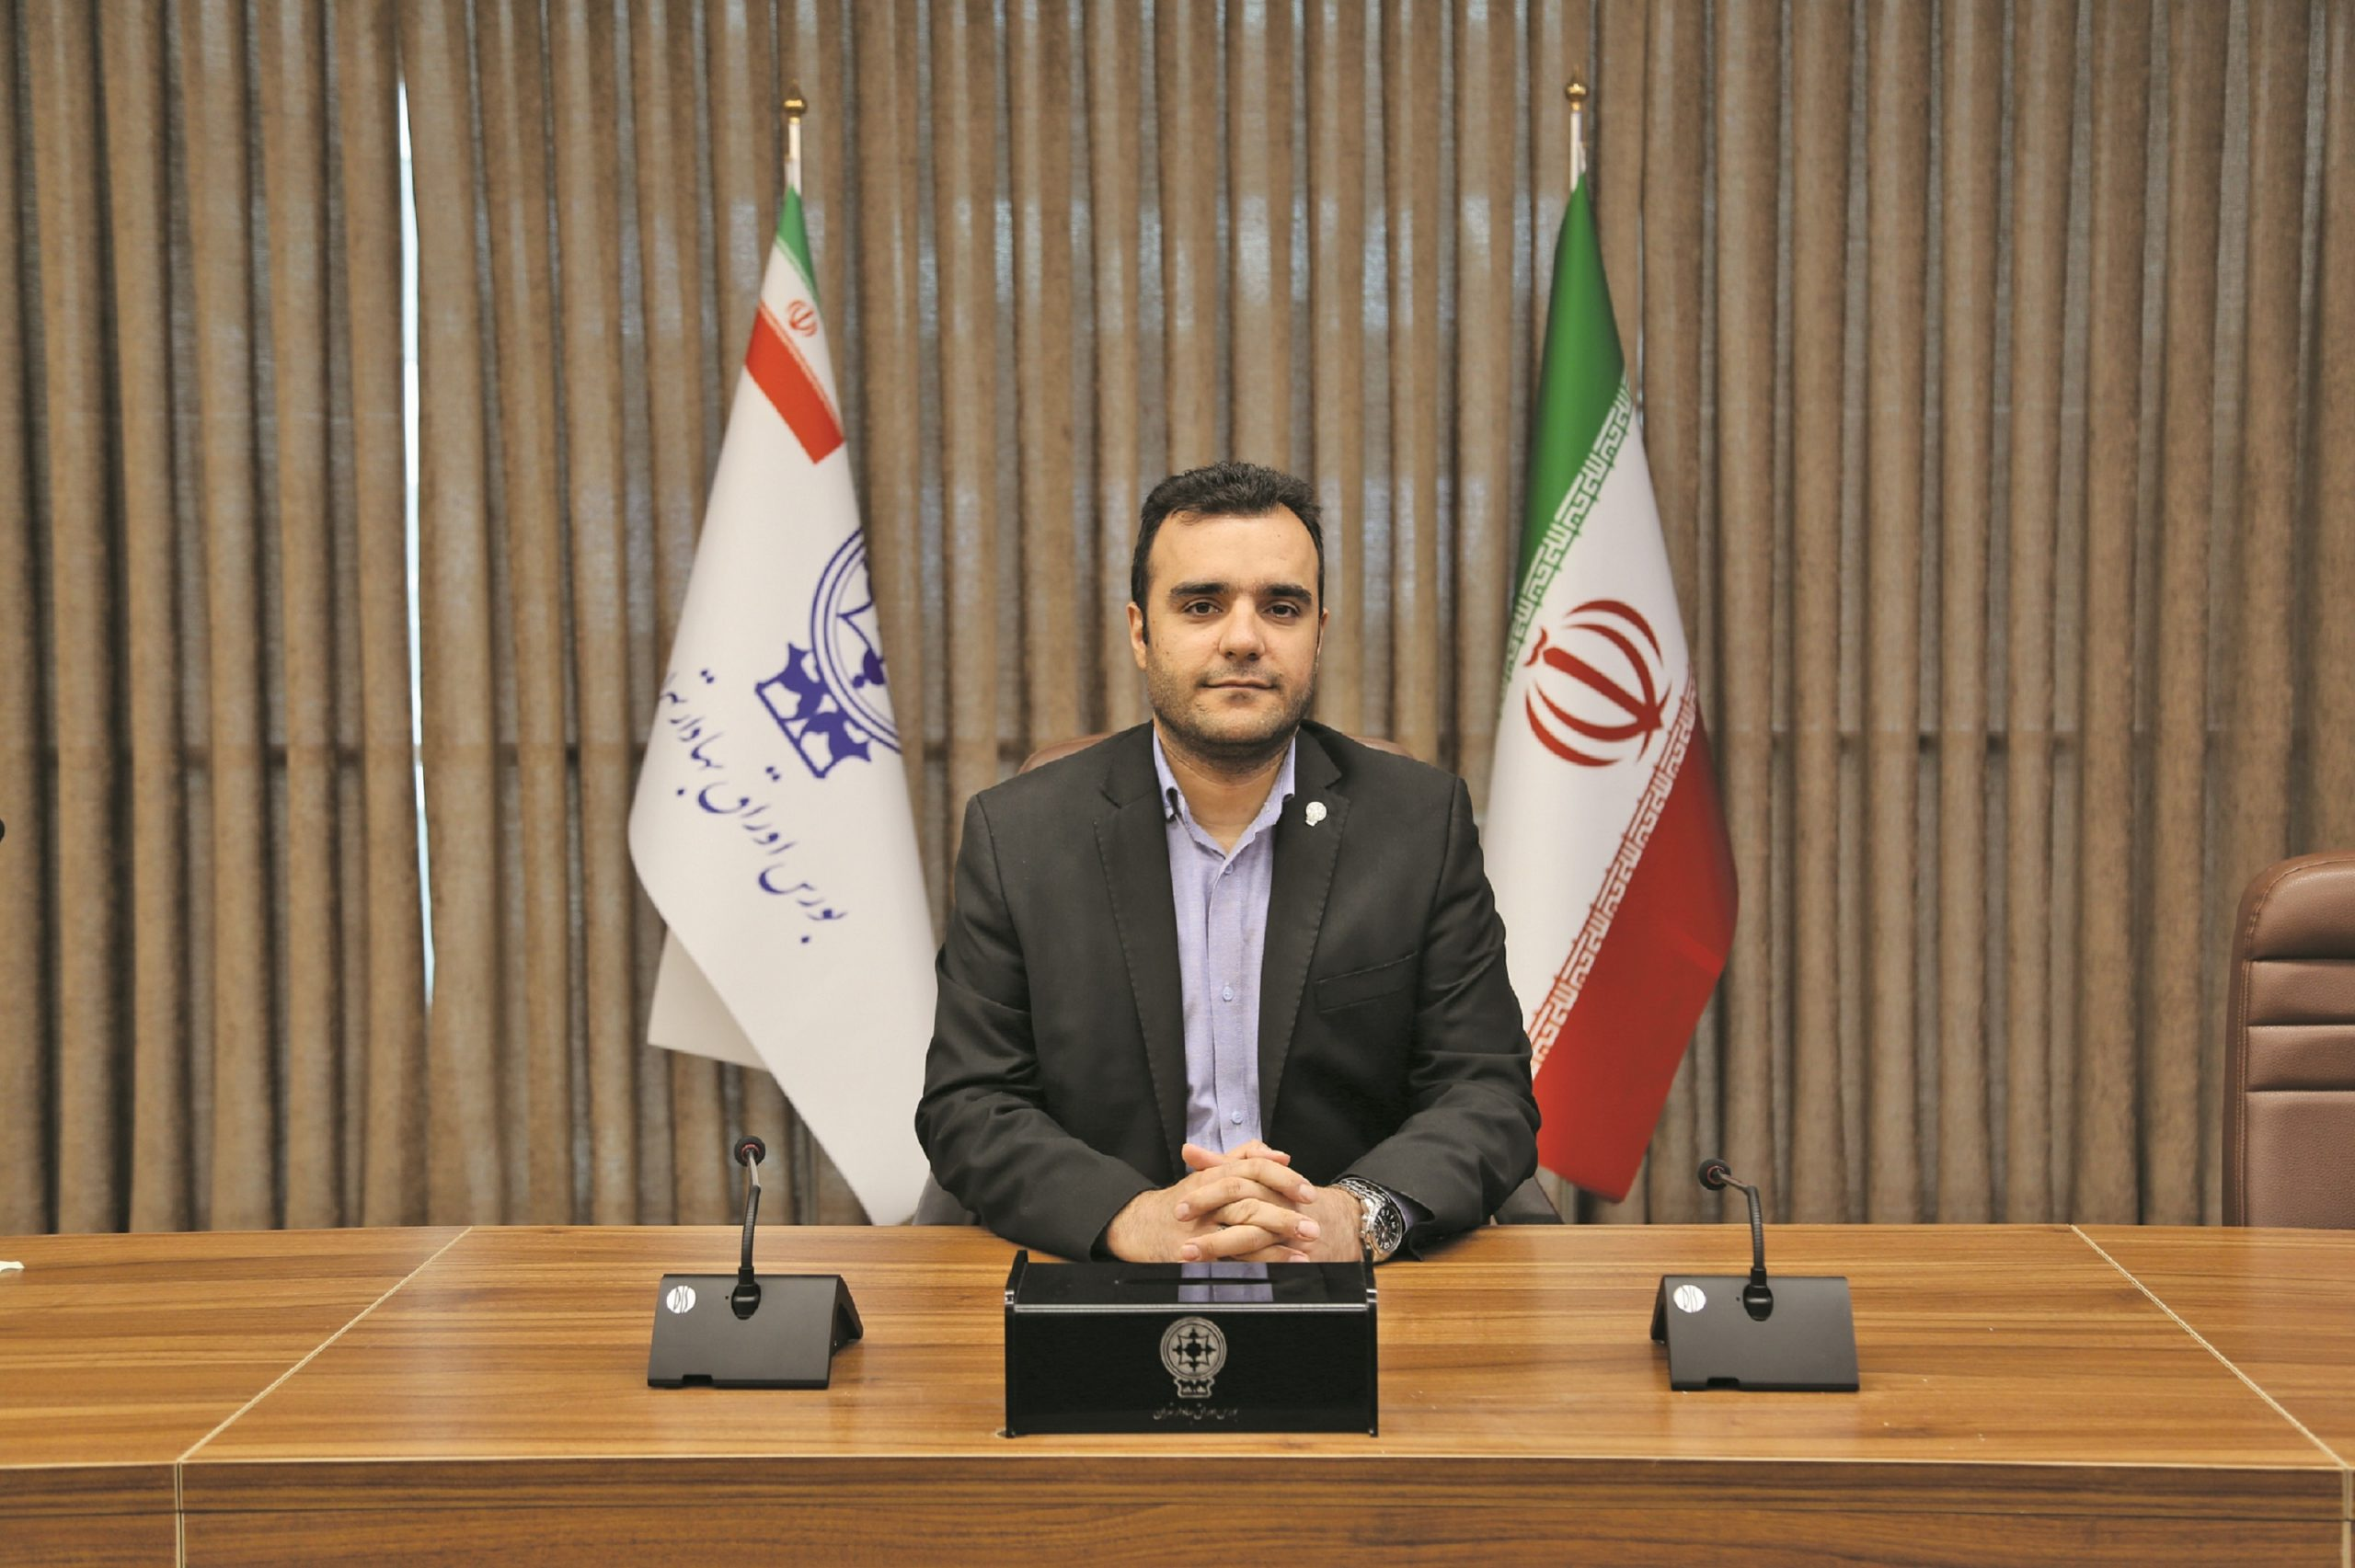 چشمانداز پذیرش شرکتها در بورس اوراق بهادار تهران